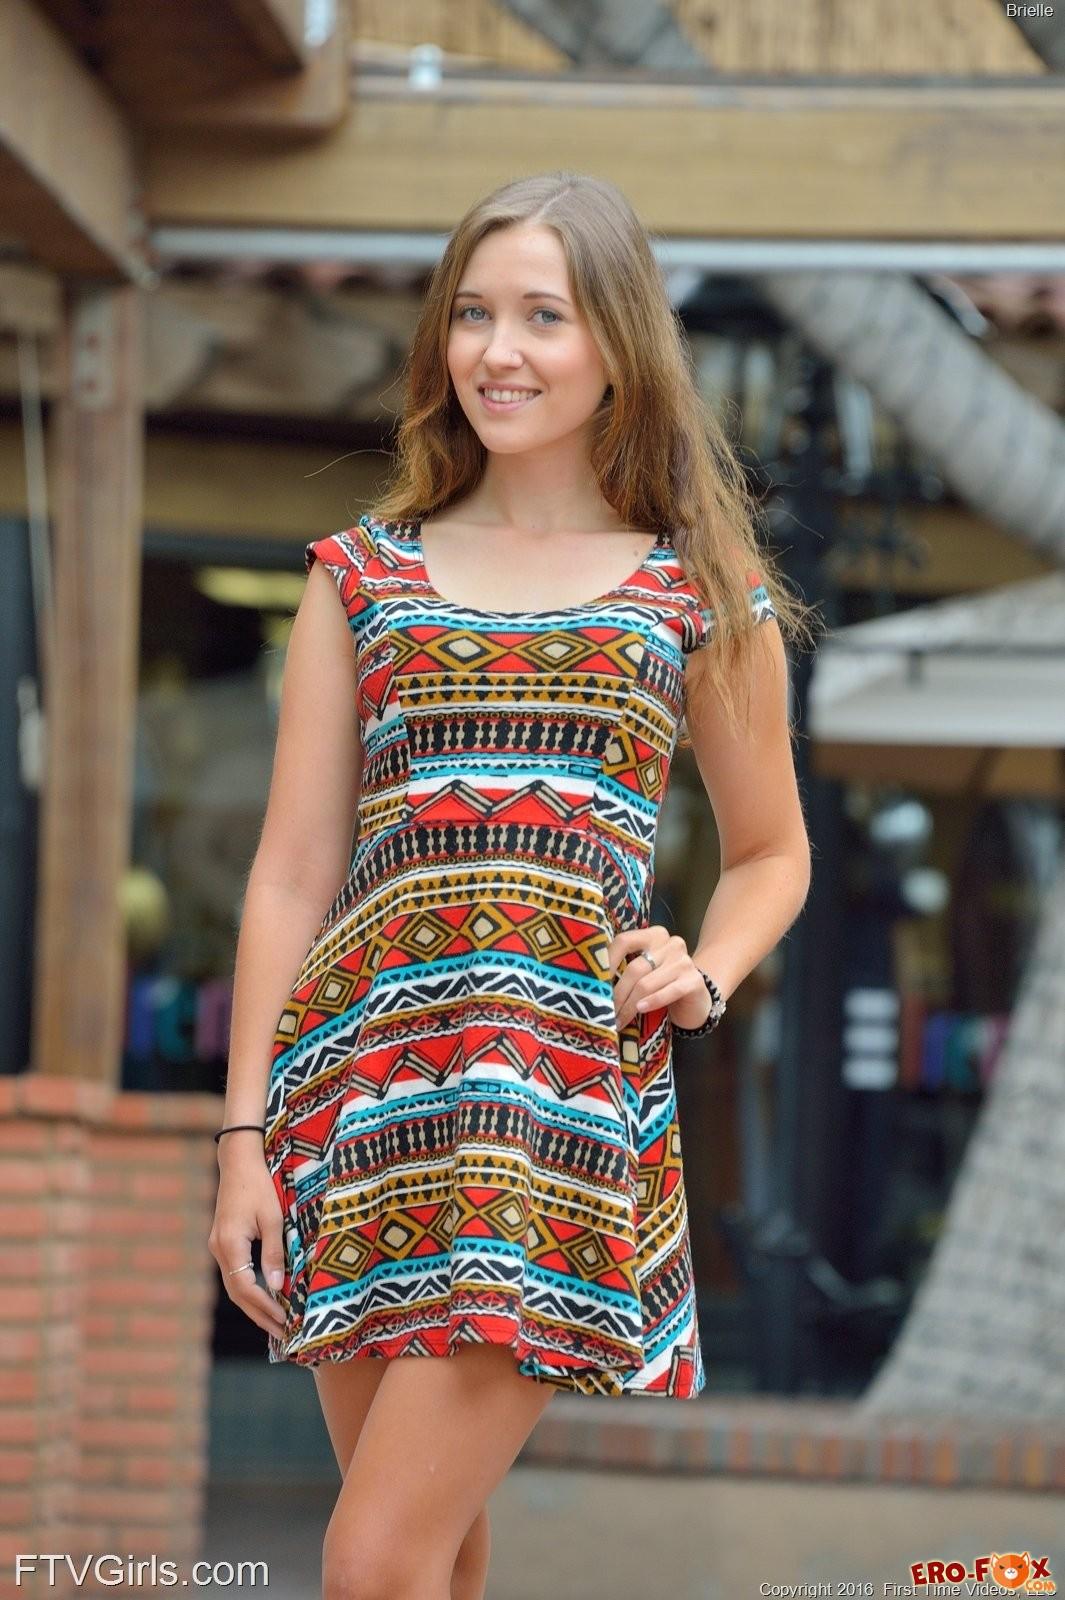 Девушка гуляет по городу без трусиков под платьем .